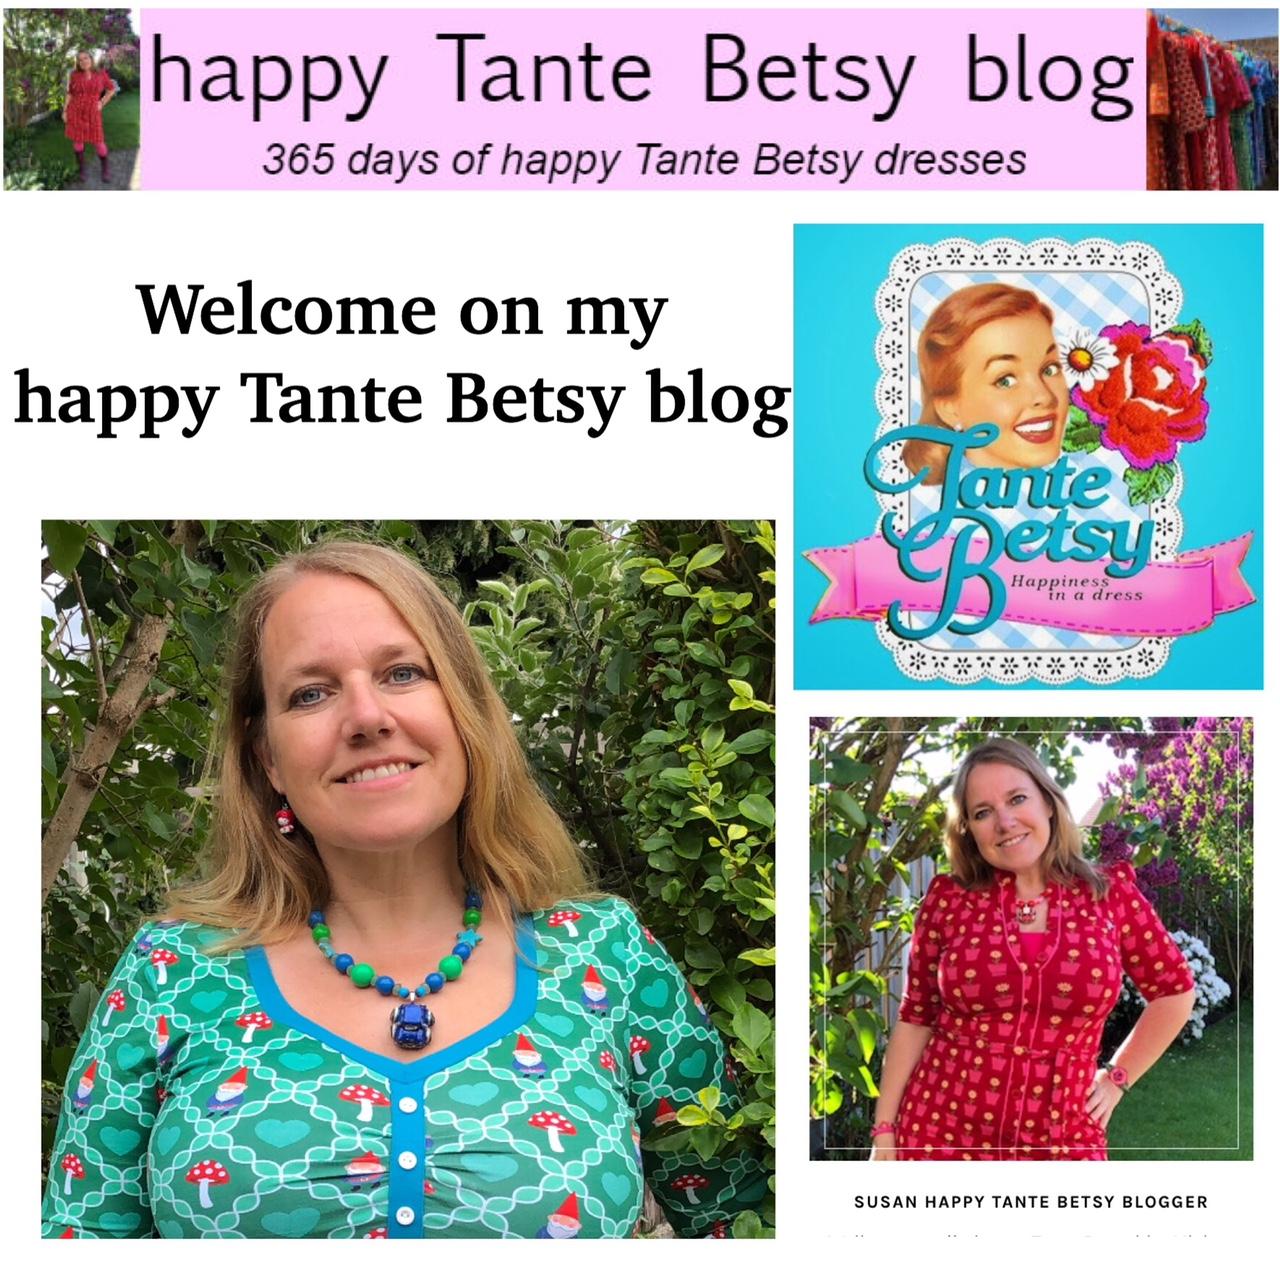 ca2f803cdf8 Hey girls vandaag is dan dé overstap naar mijn nieuwe happy Tante Betsy  blog op WordPress. Dat betekent dat ik hier niet meer verder ga met  bloggen, ...